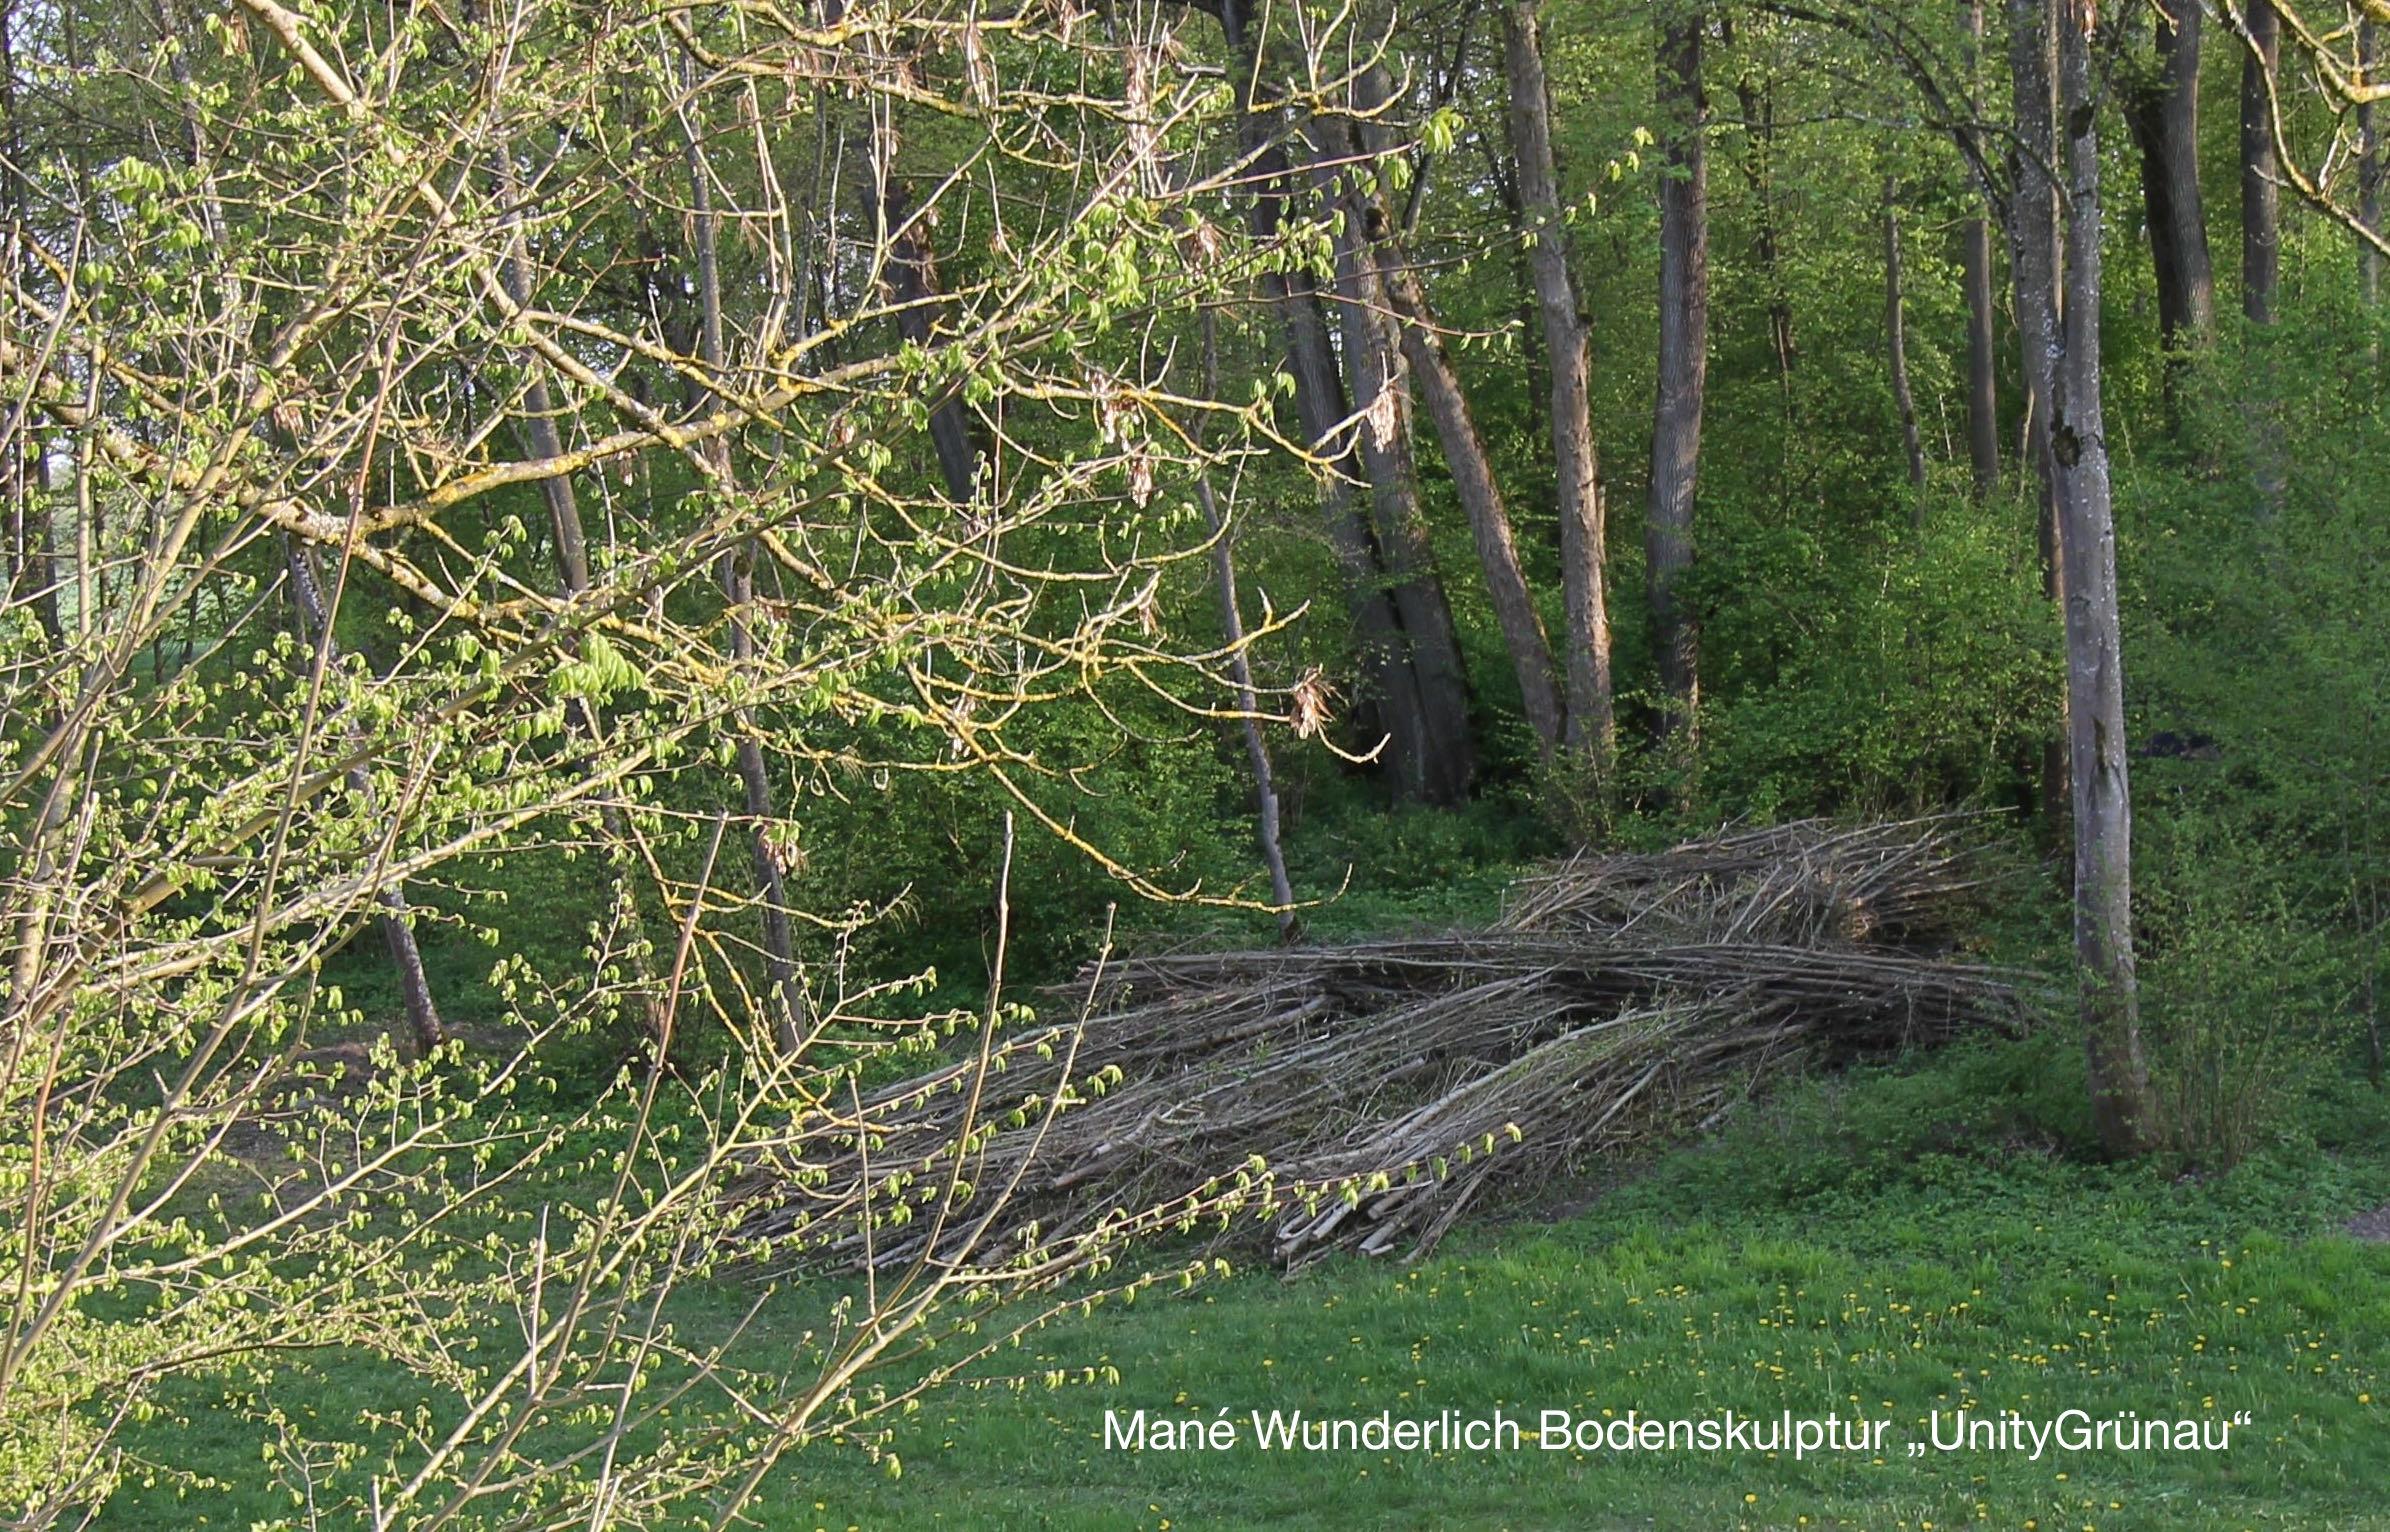 Bodenskulptur UnityGrünau Wittelsbacher Ausgleichsfond Wald